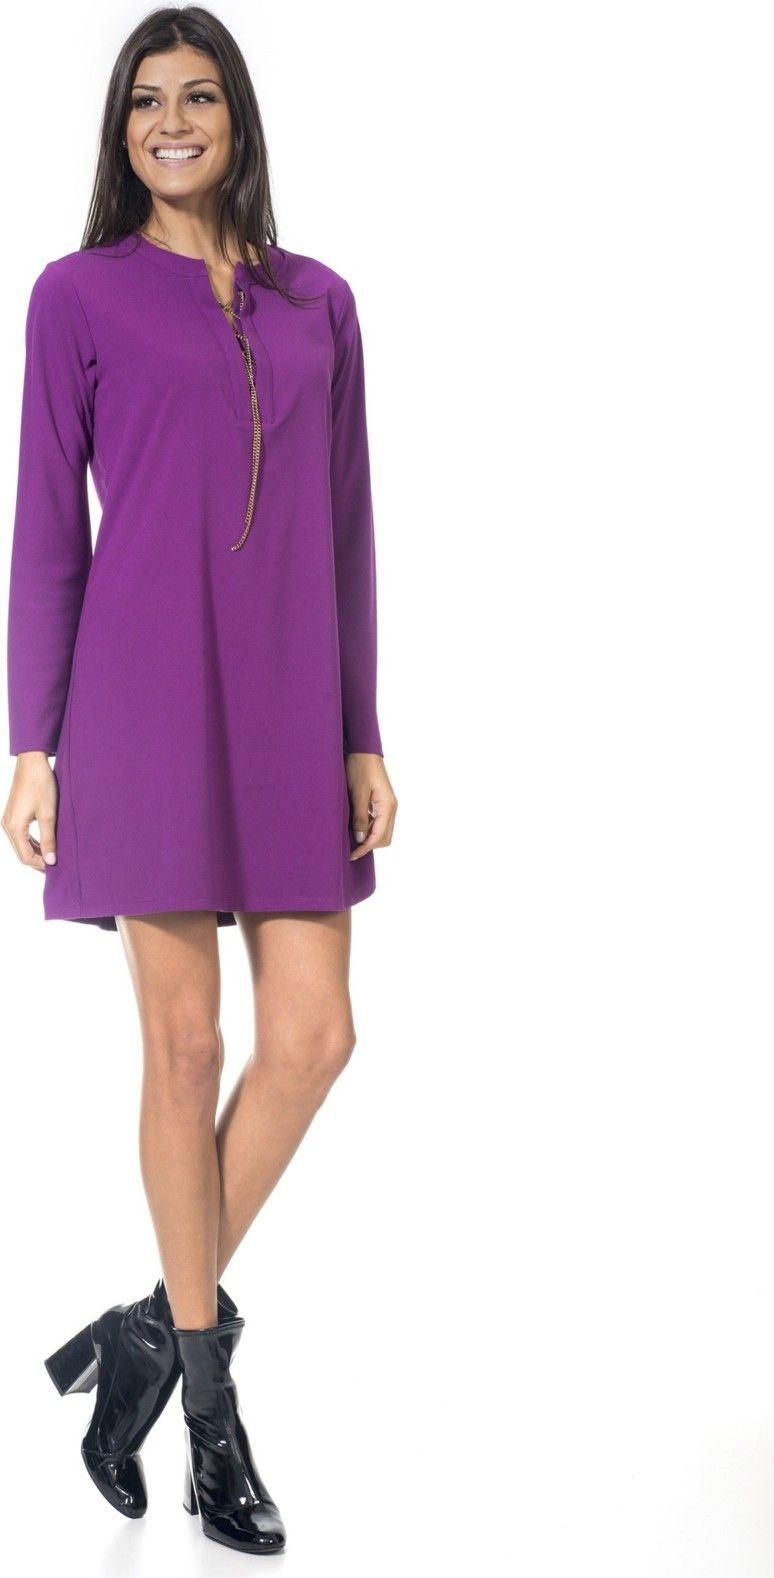 eb1ce33c7c425 Vestido camisa. como usar vestido e bota. vestido de outono. vestido roxo.